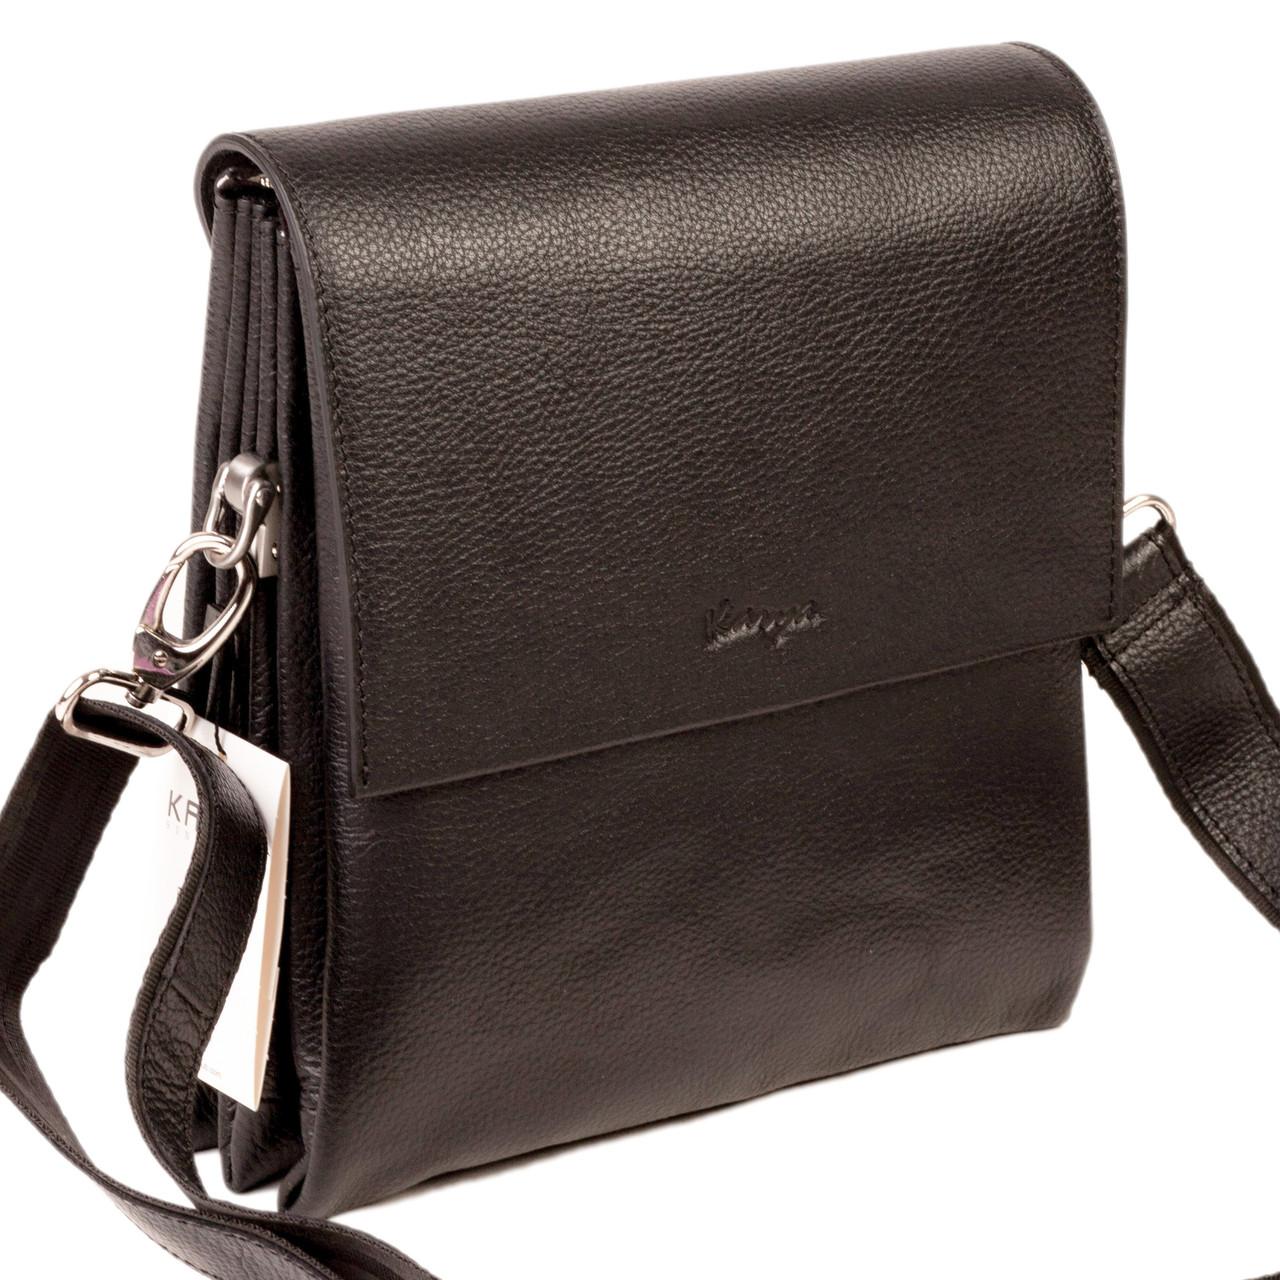 Чоловіча сумка Karya 0542-45 шкіряна чорна з плечовим ременем